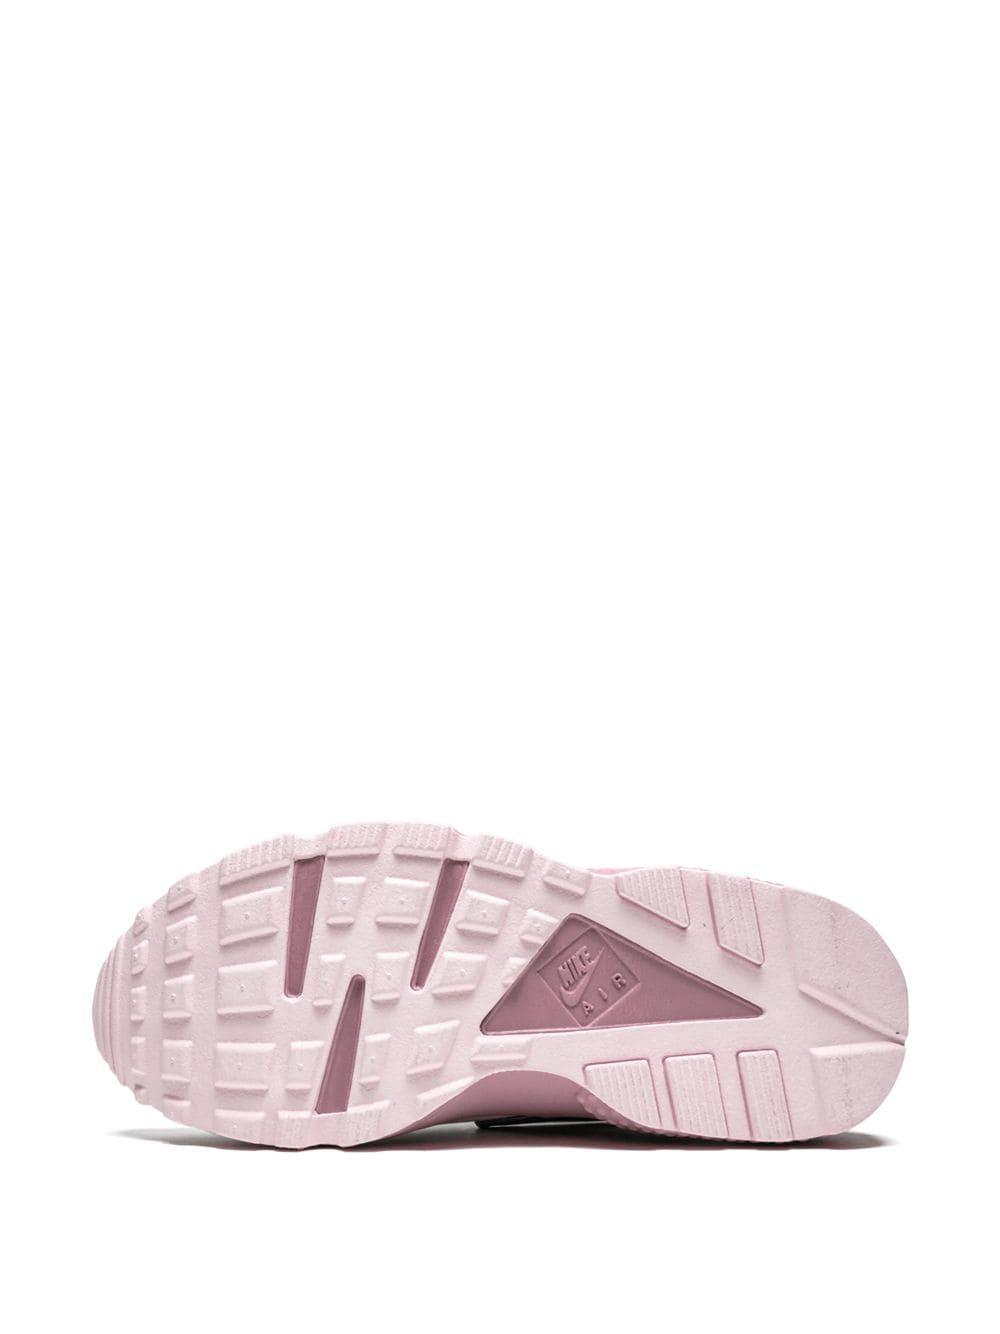 Zapatillas Wmns Air Huarache Run Nike de color Blanco